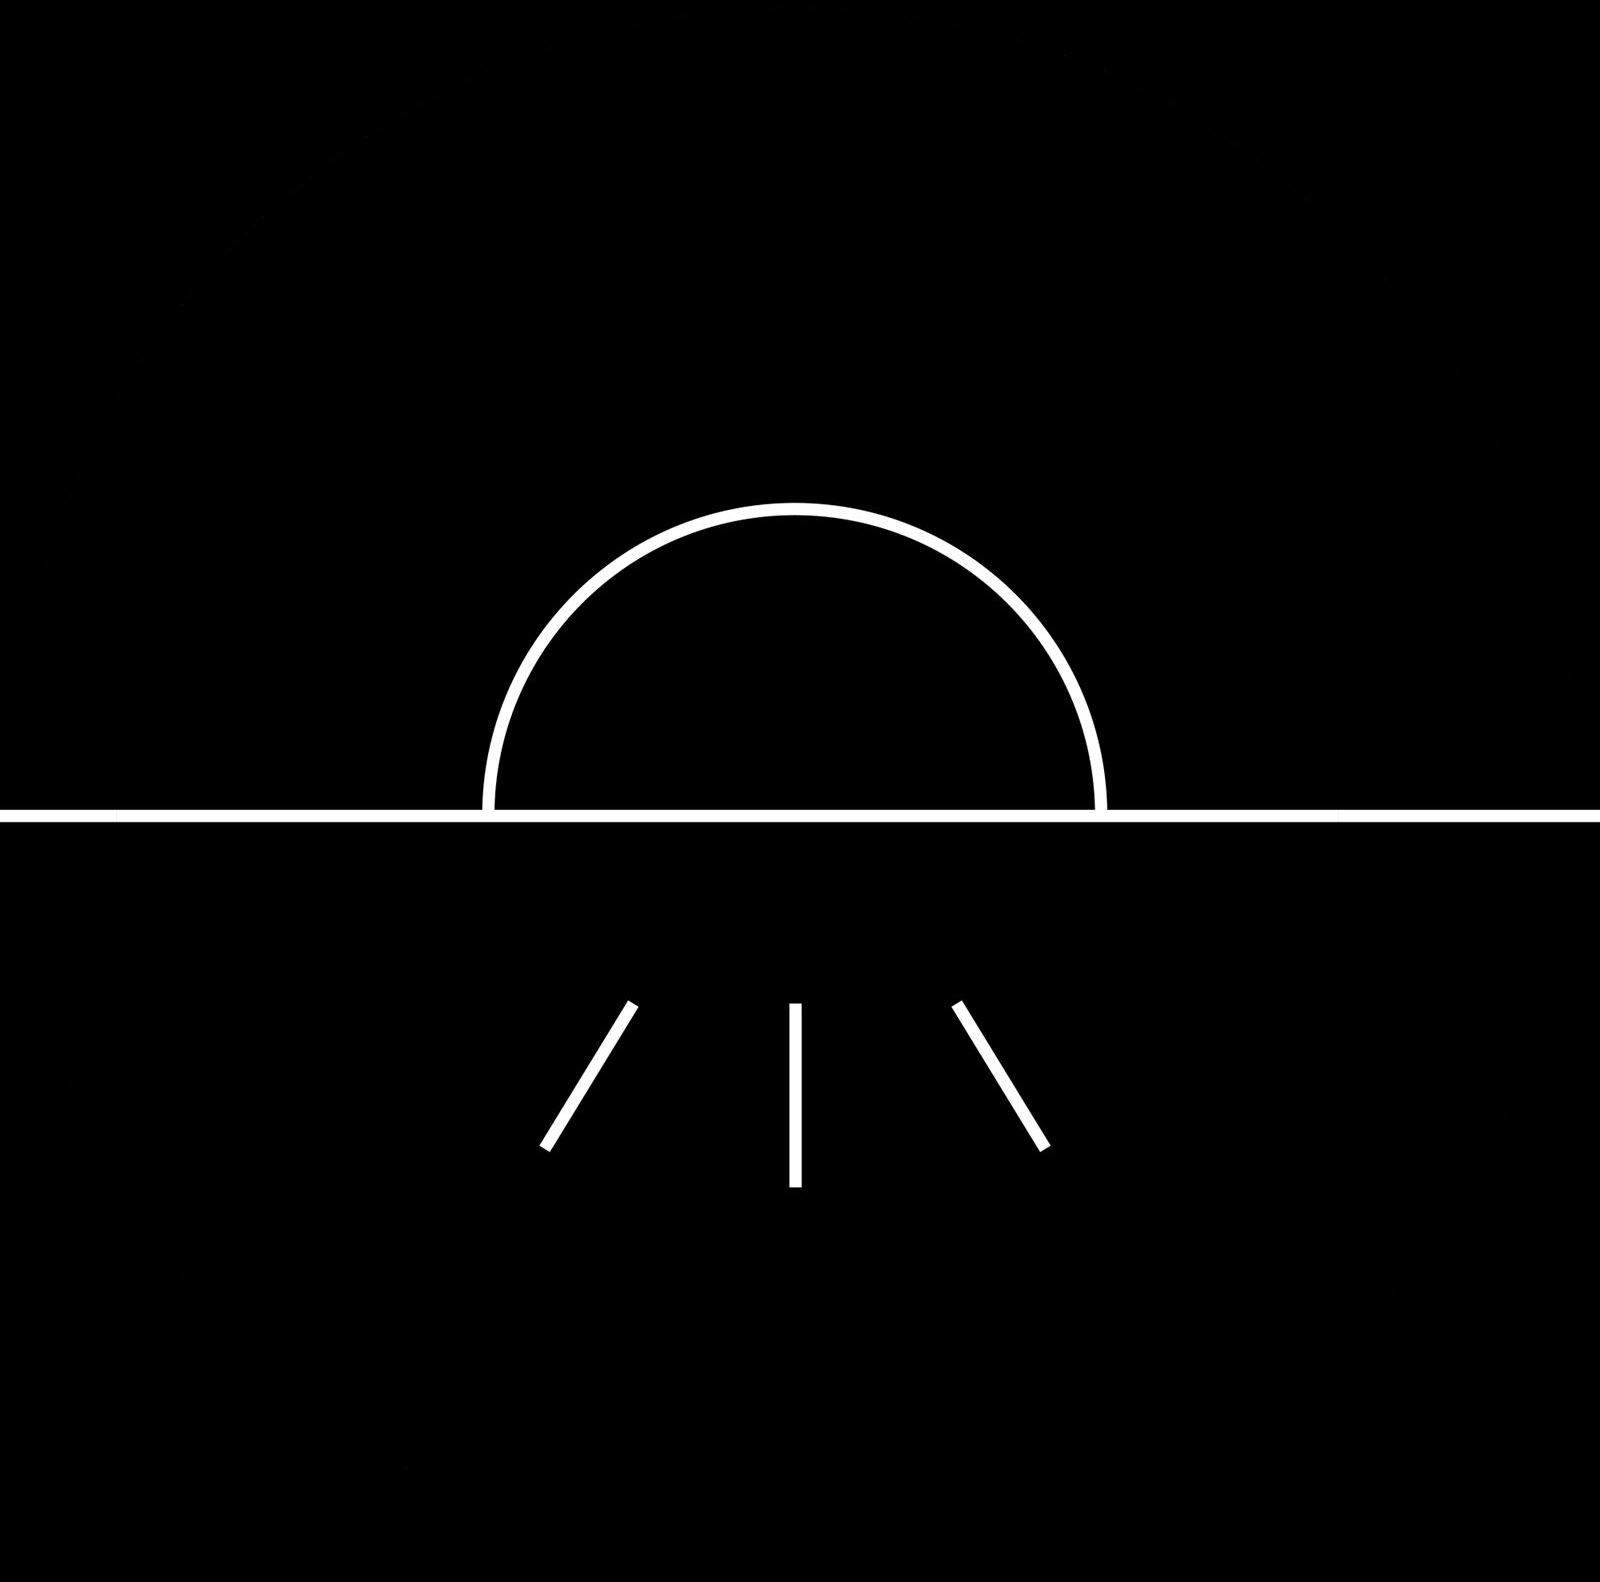 גופי תאורה בקטגוריית - שקועי תקרה